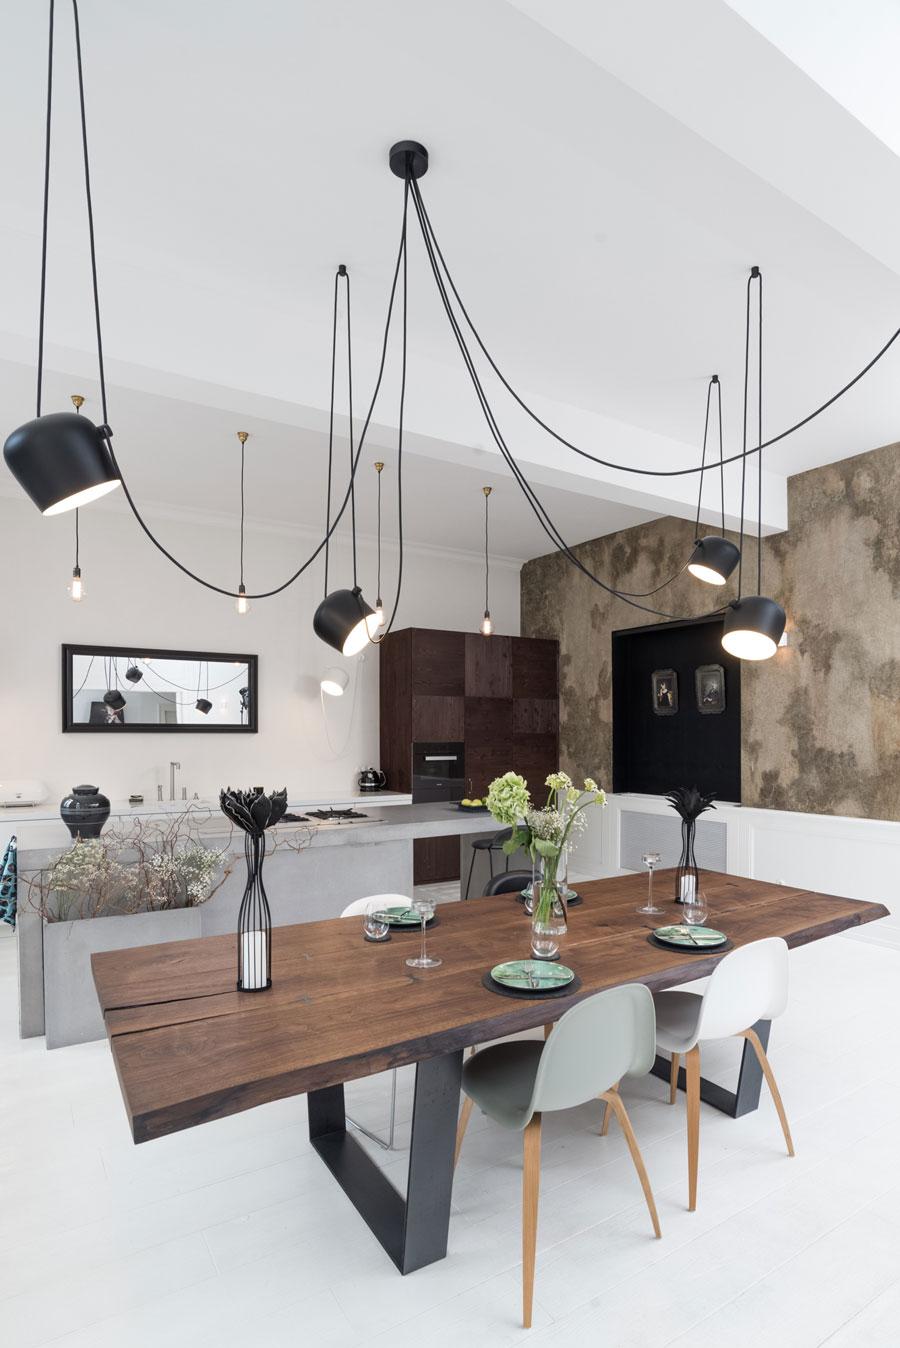 flos hanglampen boven eettafel